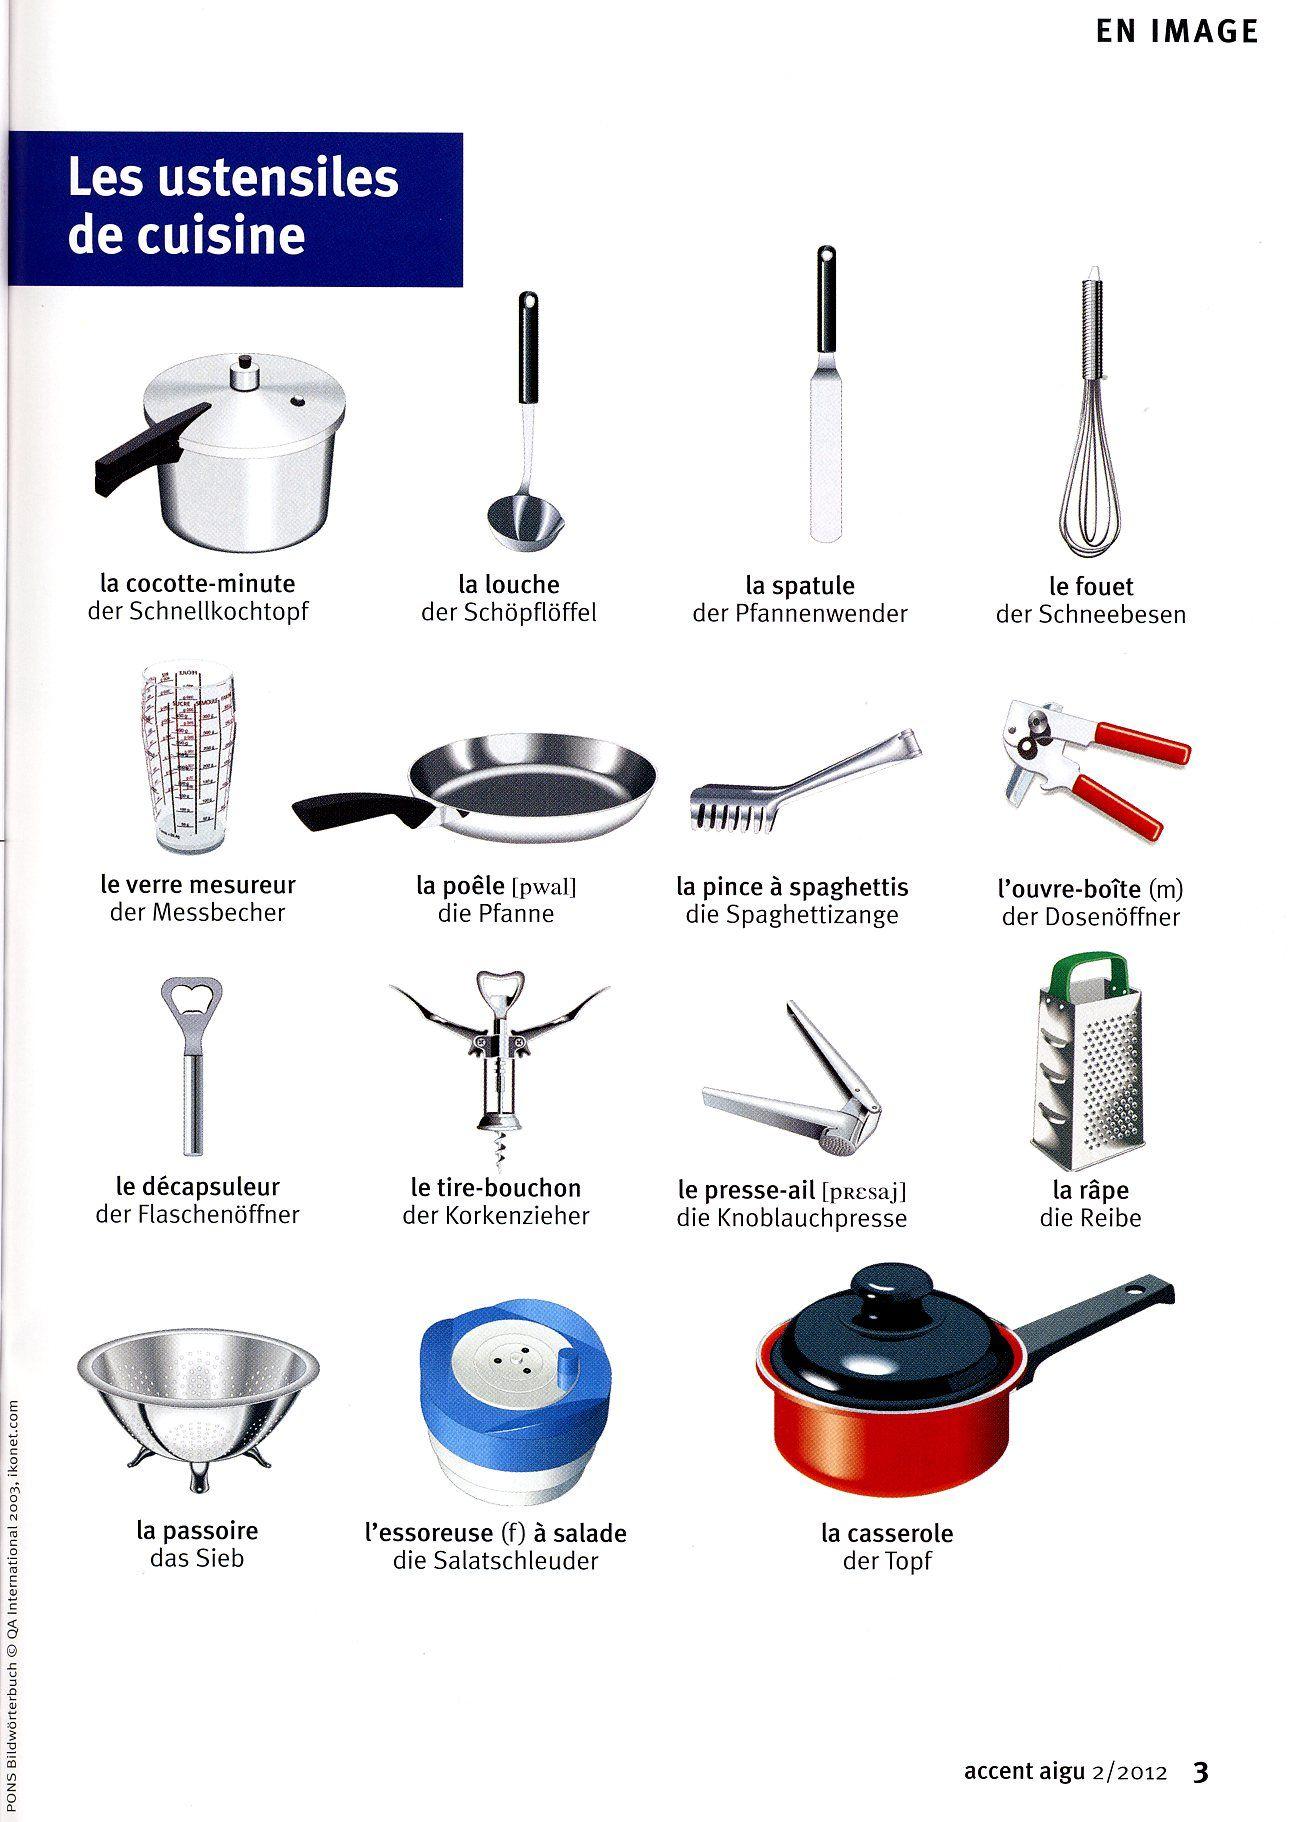 Baking Supplies Worksheet Printable